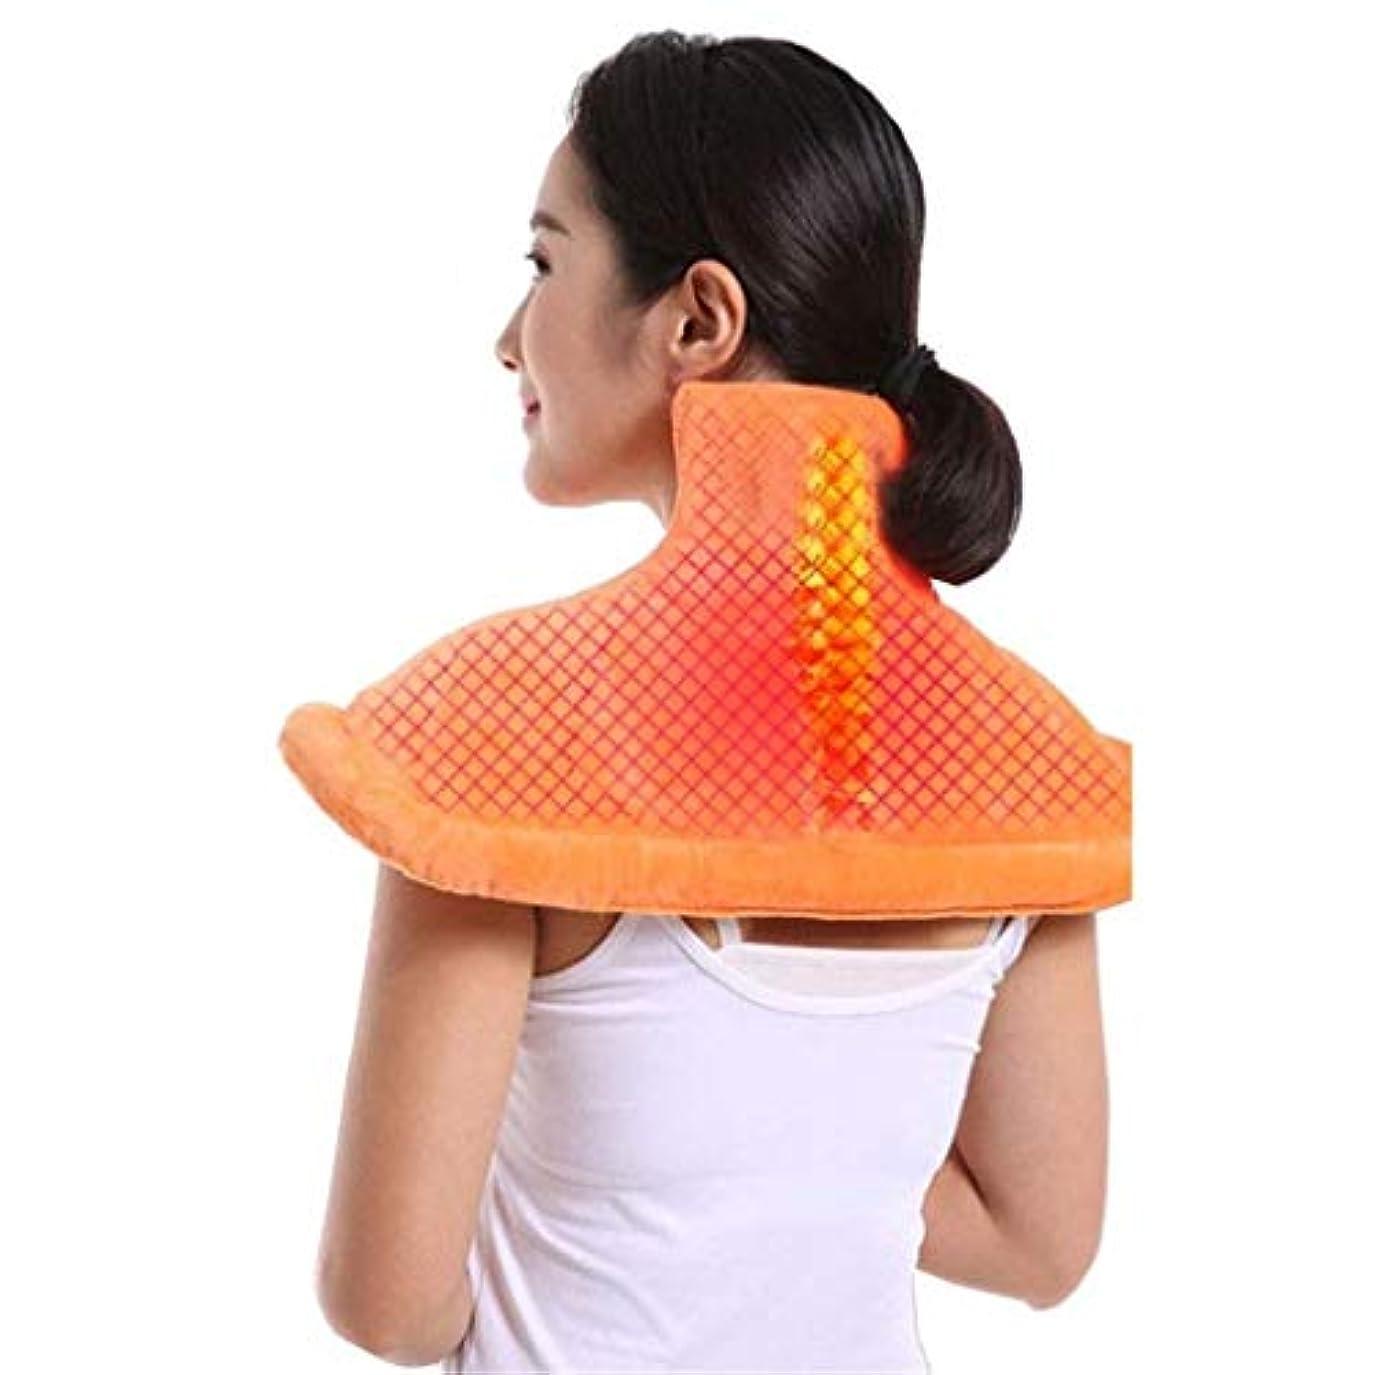 フィット受け皿法医学首のマッサージャー、電熱パッド、首と肩と背中の痛みを和らげるツール、ストレス緩和筋肉温熱療法パッド